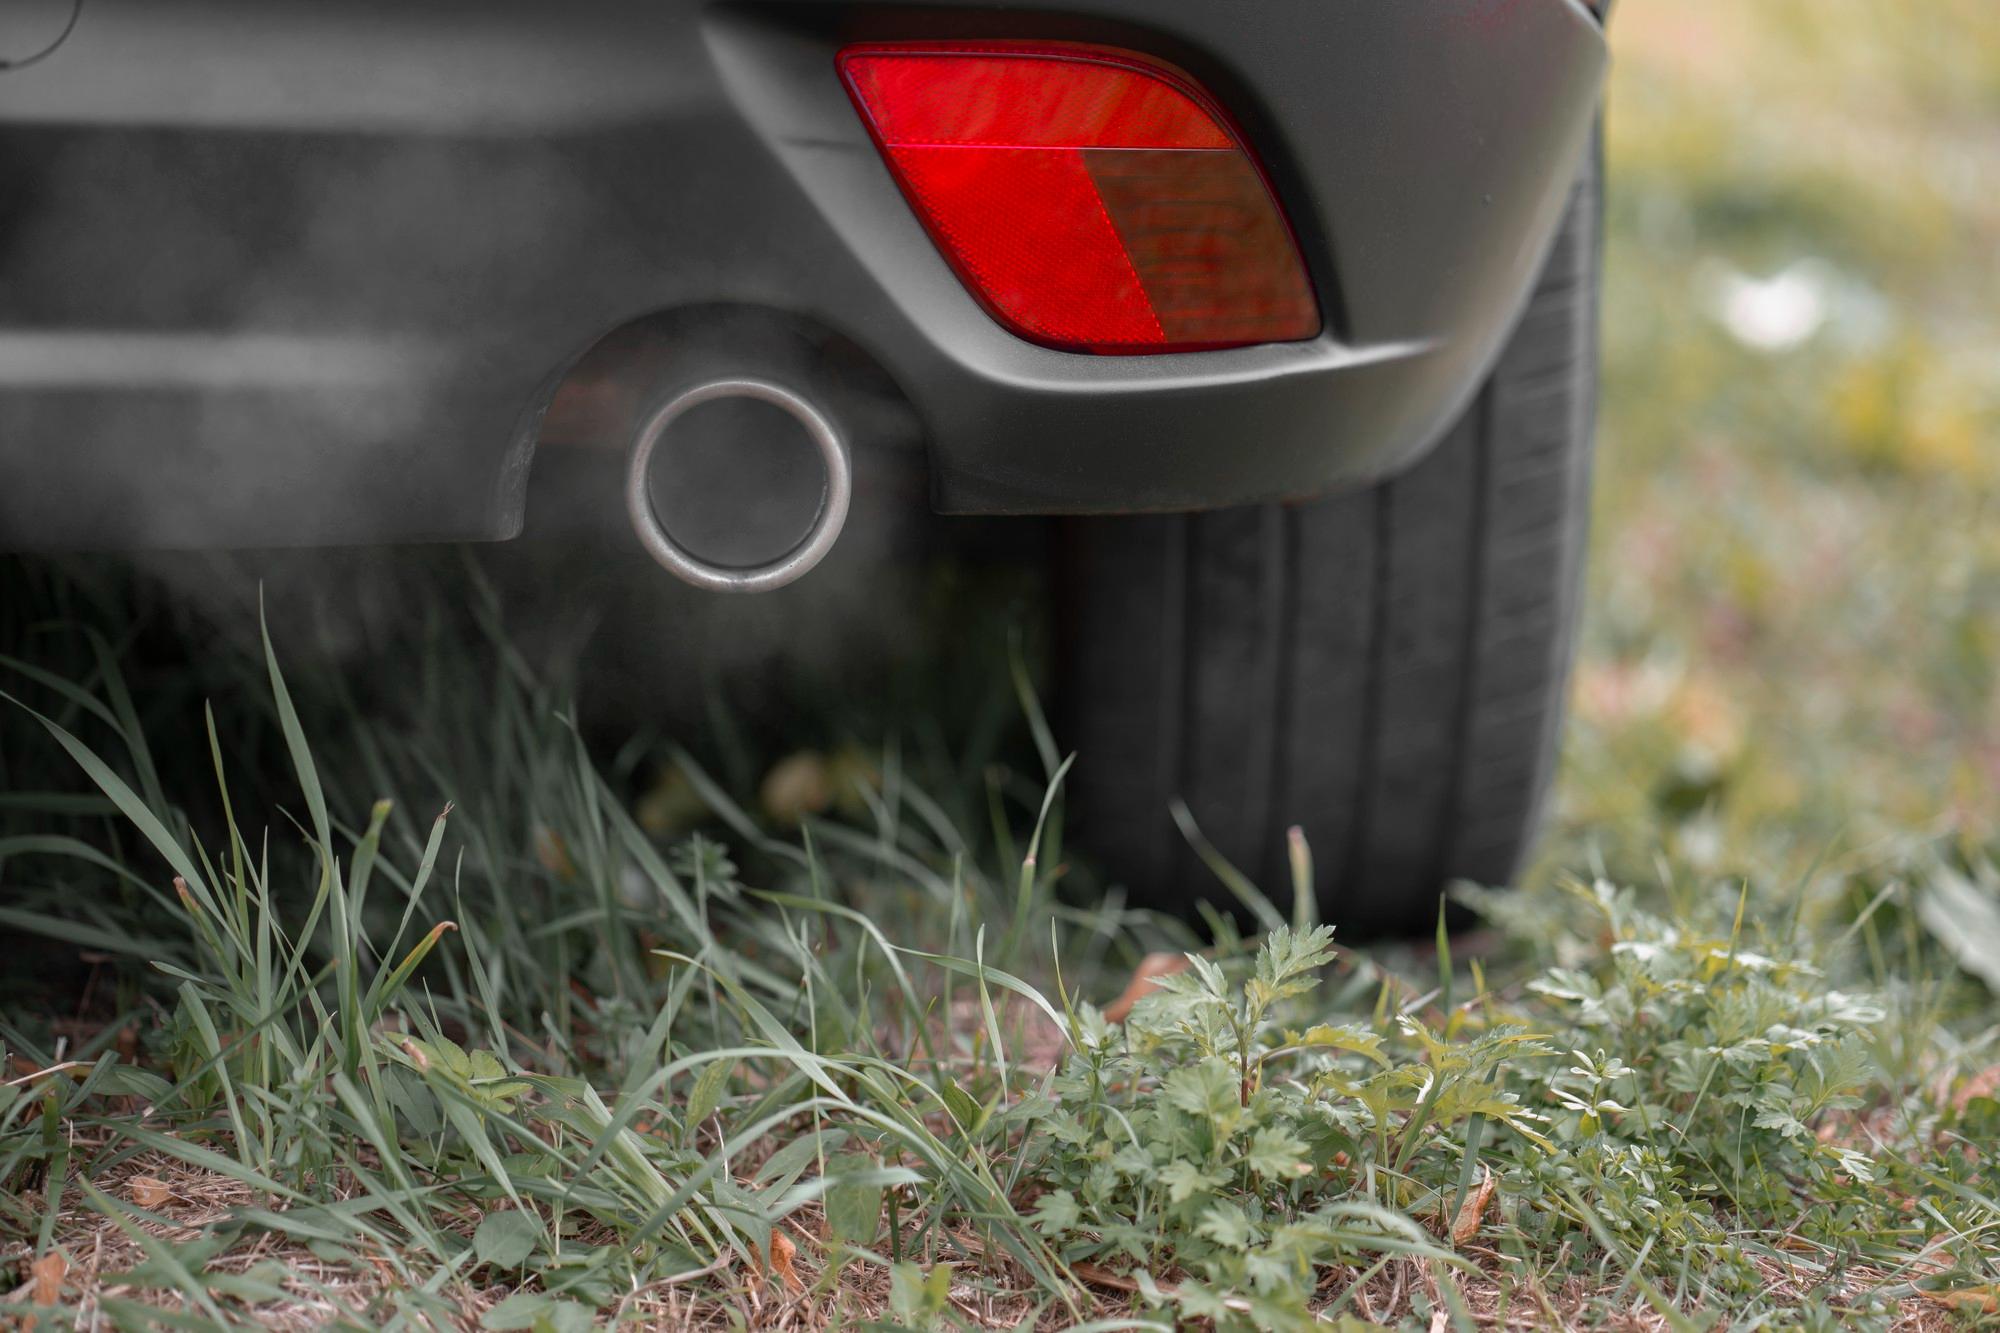 Exhaust of car emitting smoke